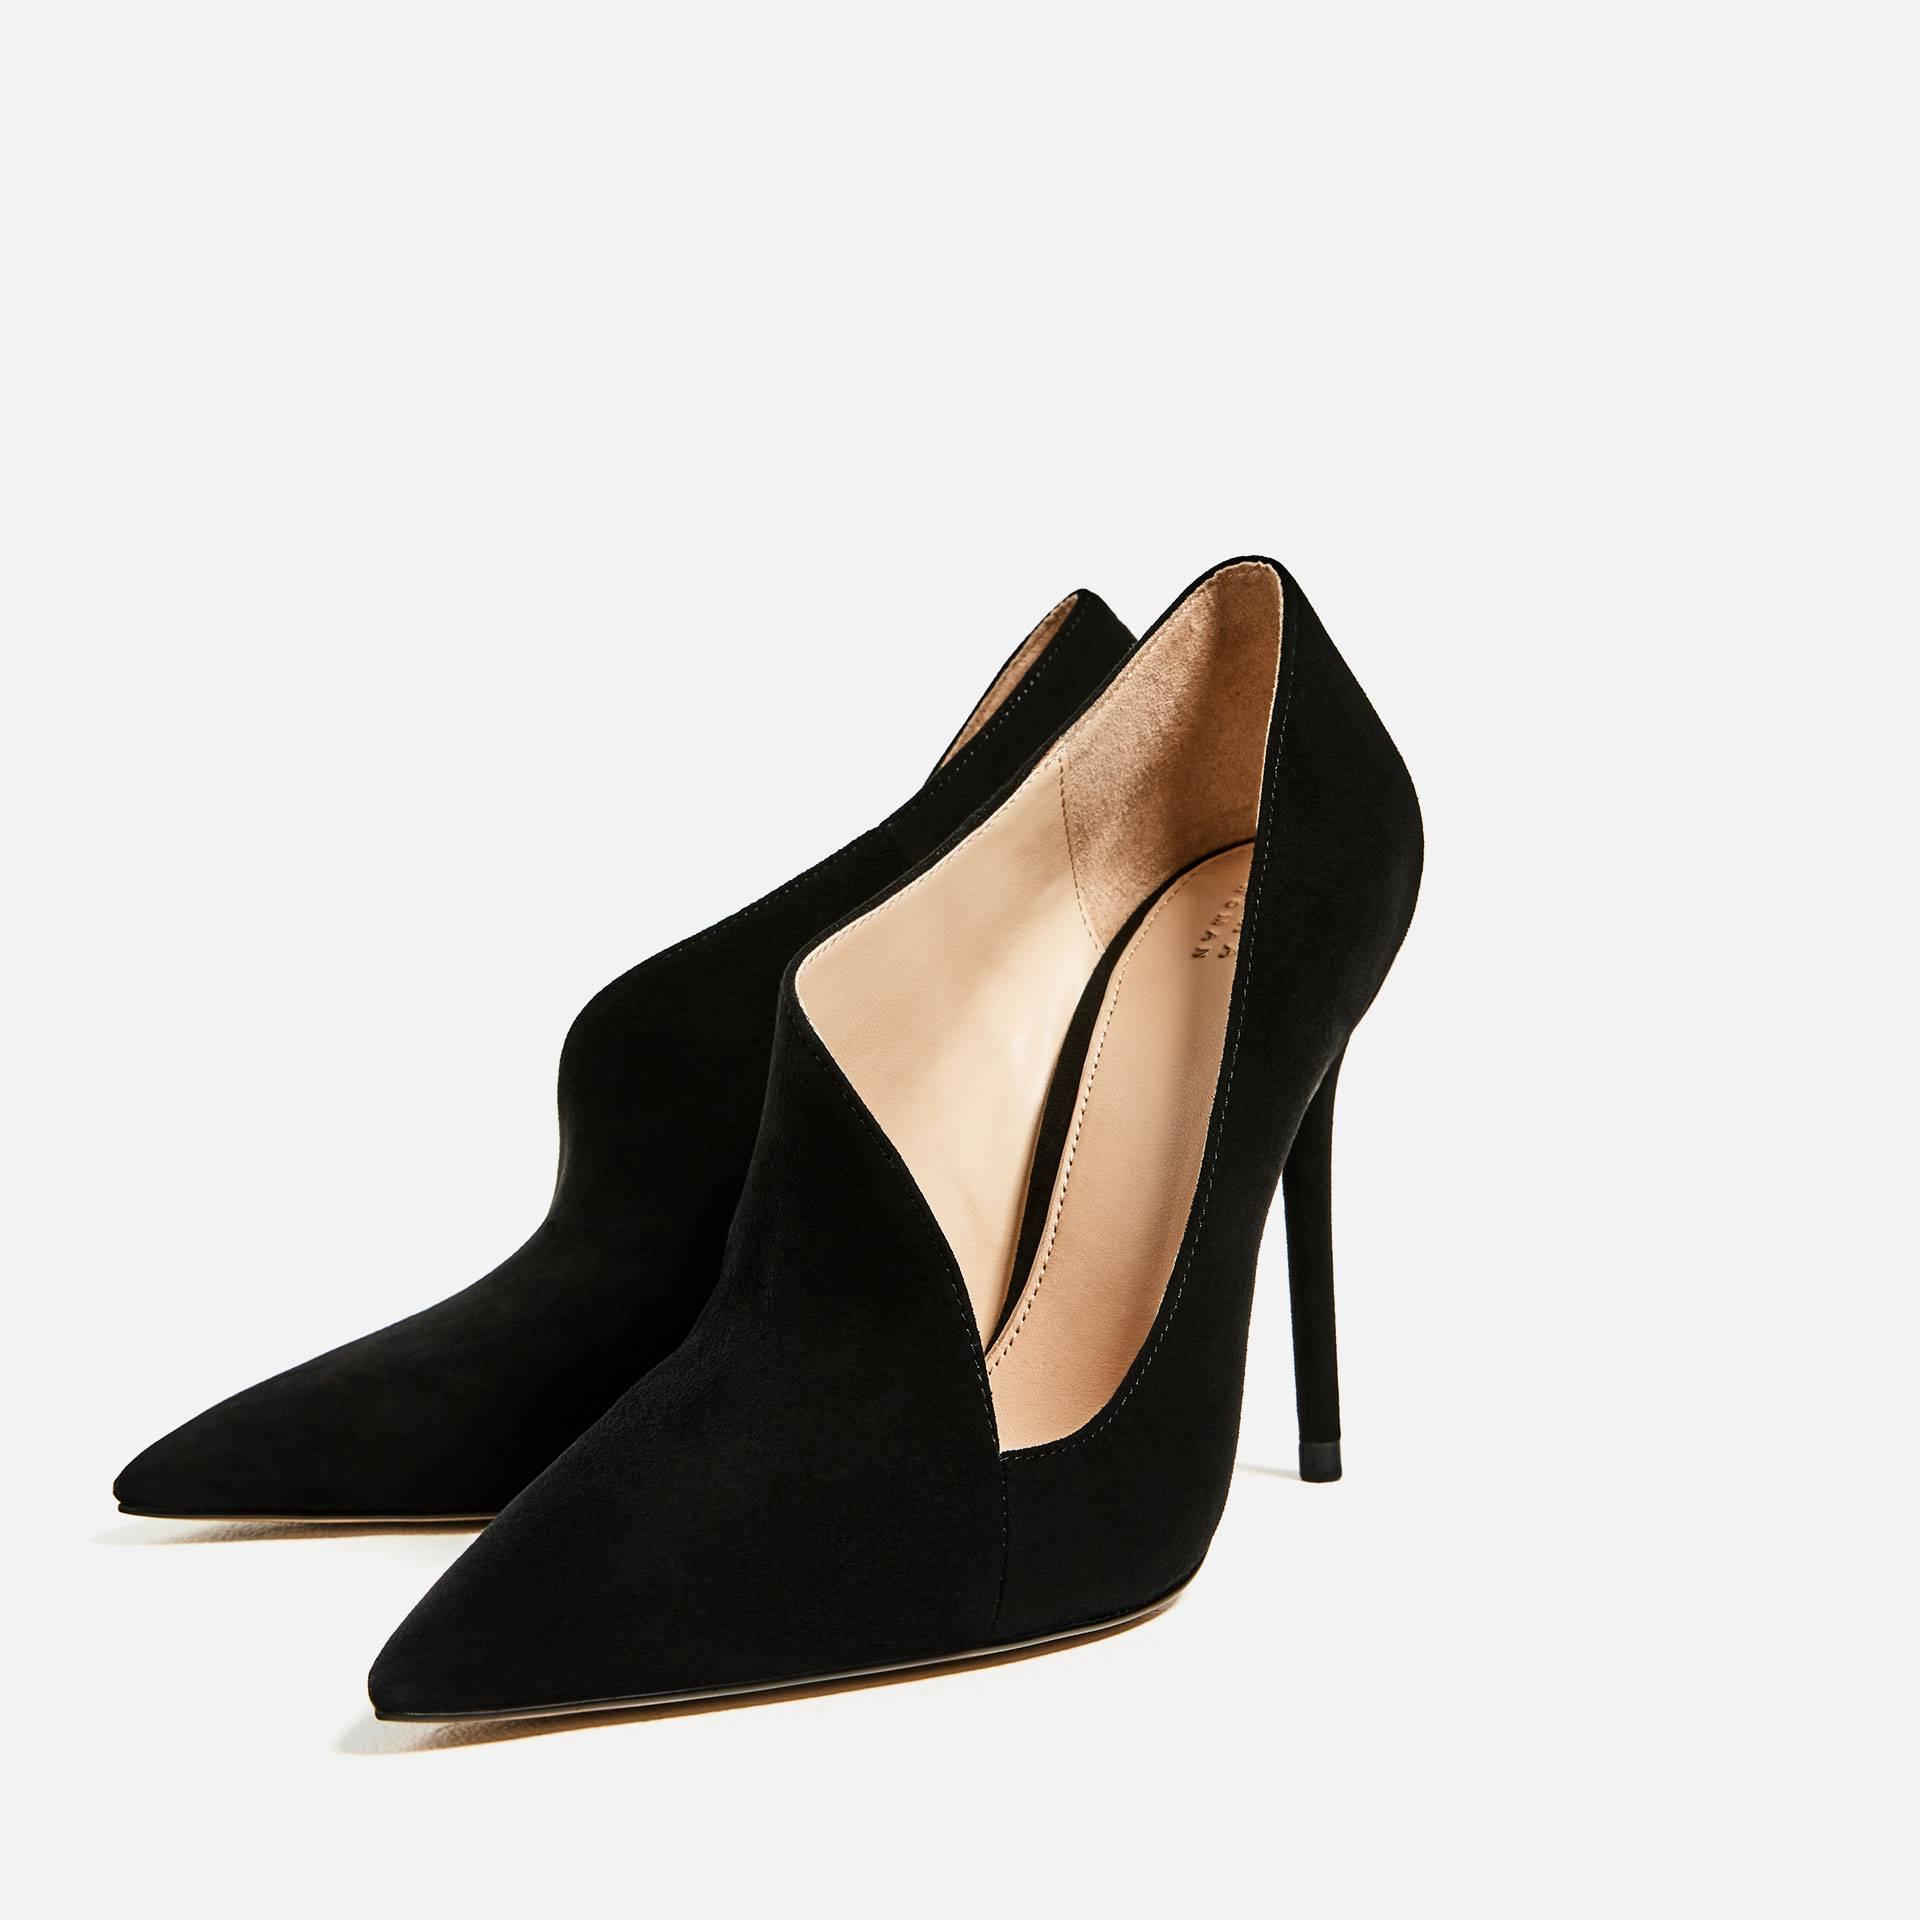 http://www.zara.com/fr/fr/femme/chaussures/tout-voir/escarpins-en-cuir-asymétrique-c719531p4283098.html